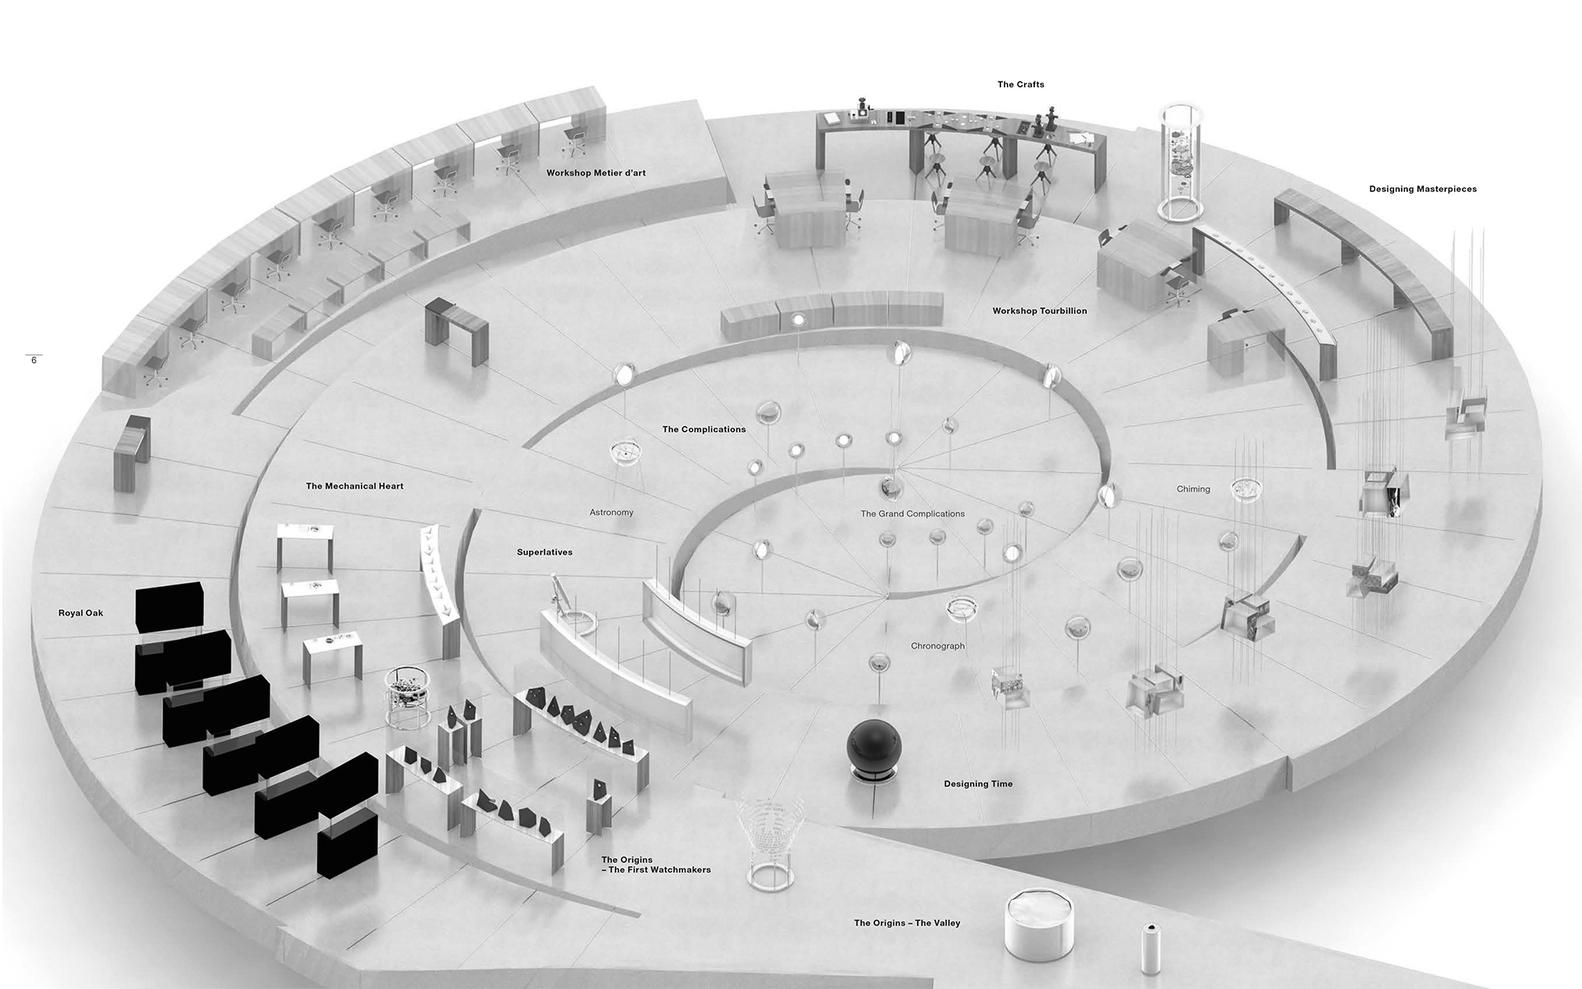 Musée Atelier Audemars Piguet / BIG + ATELIER BRÜCKNER + CCHE,Exhibition plan